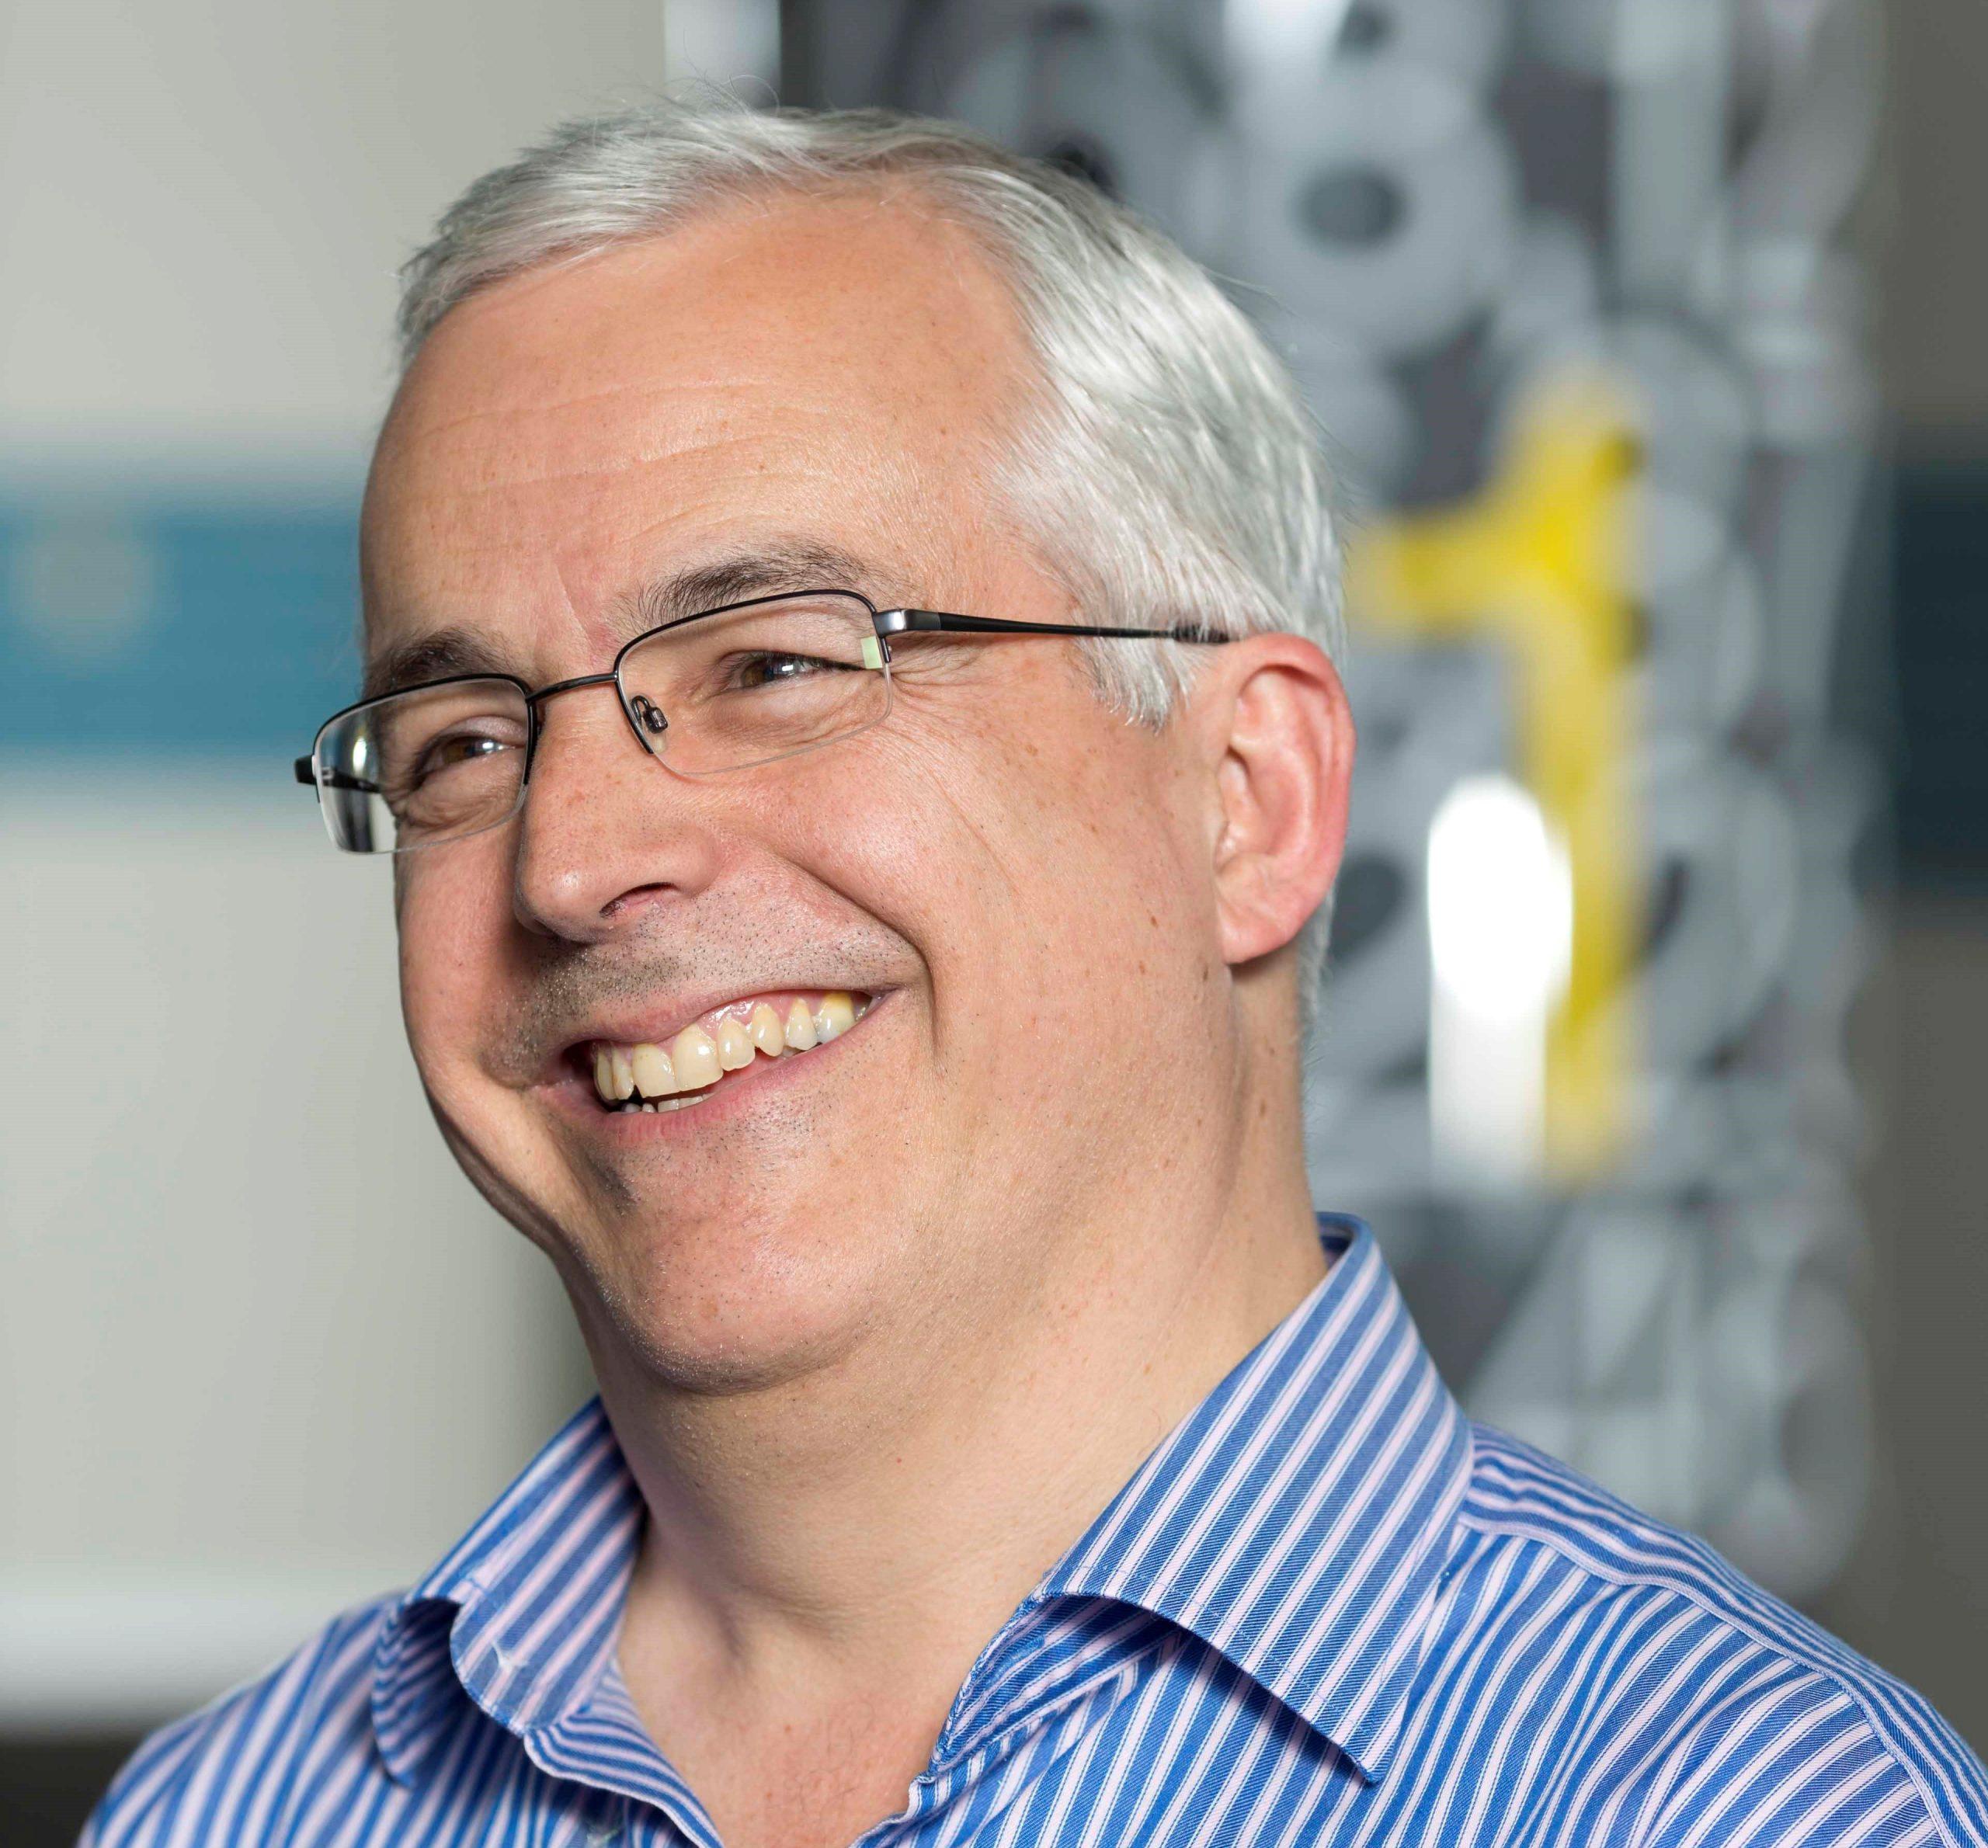 Image of Colin Jevons